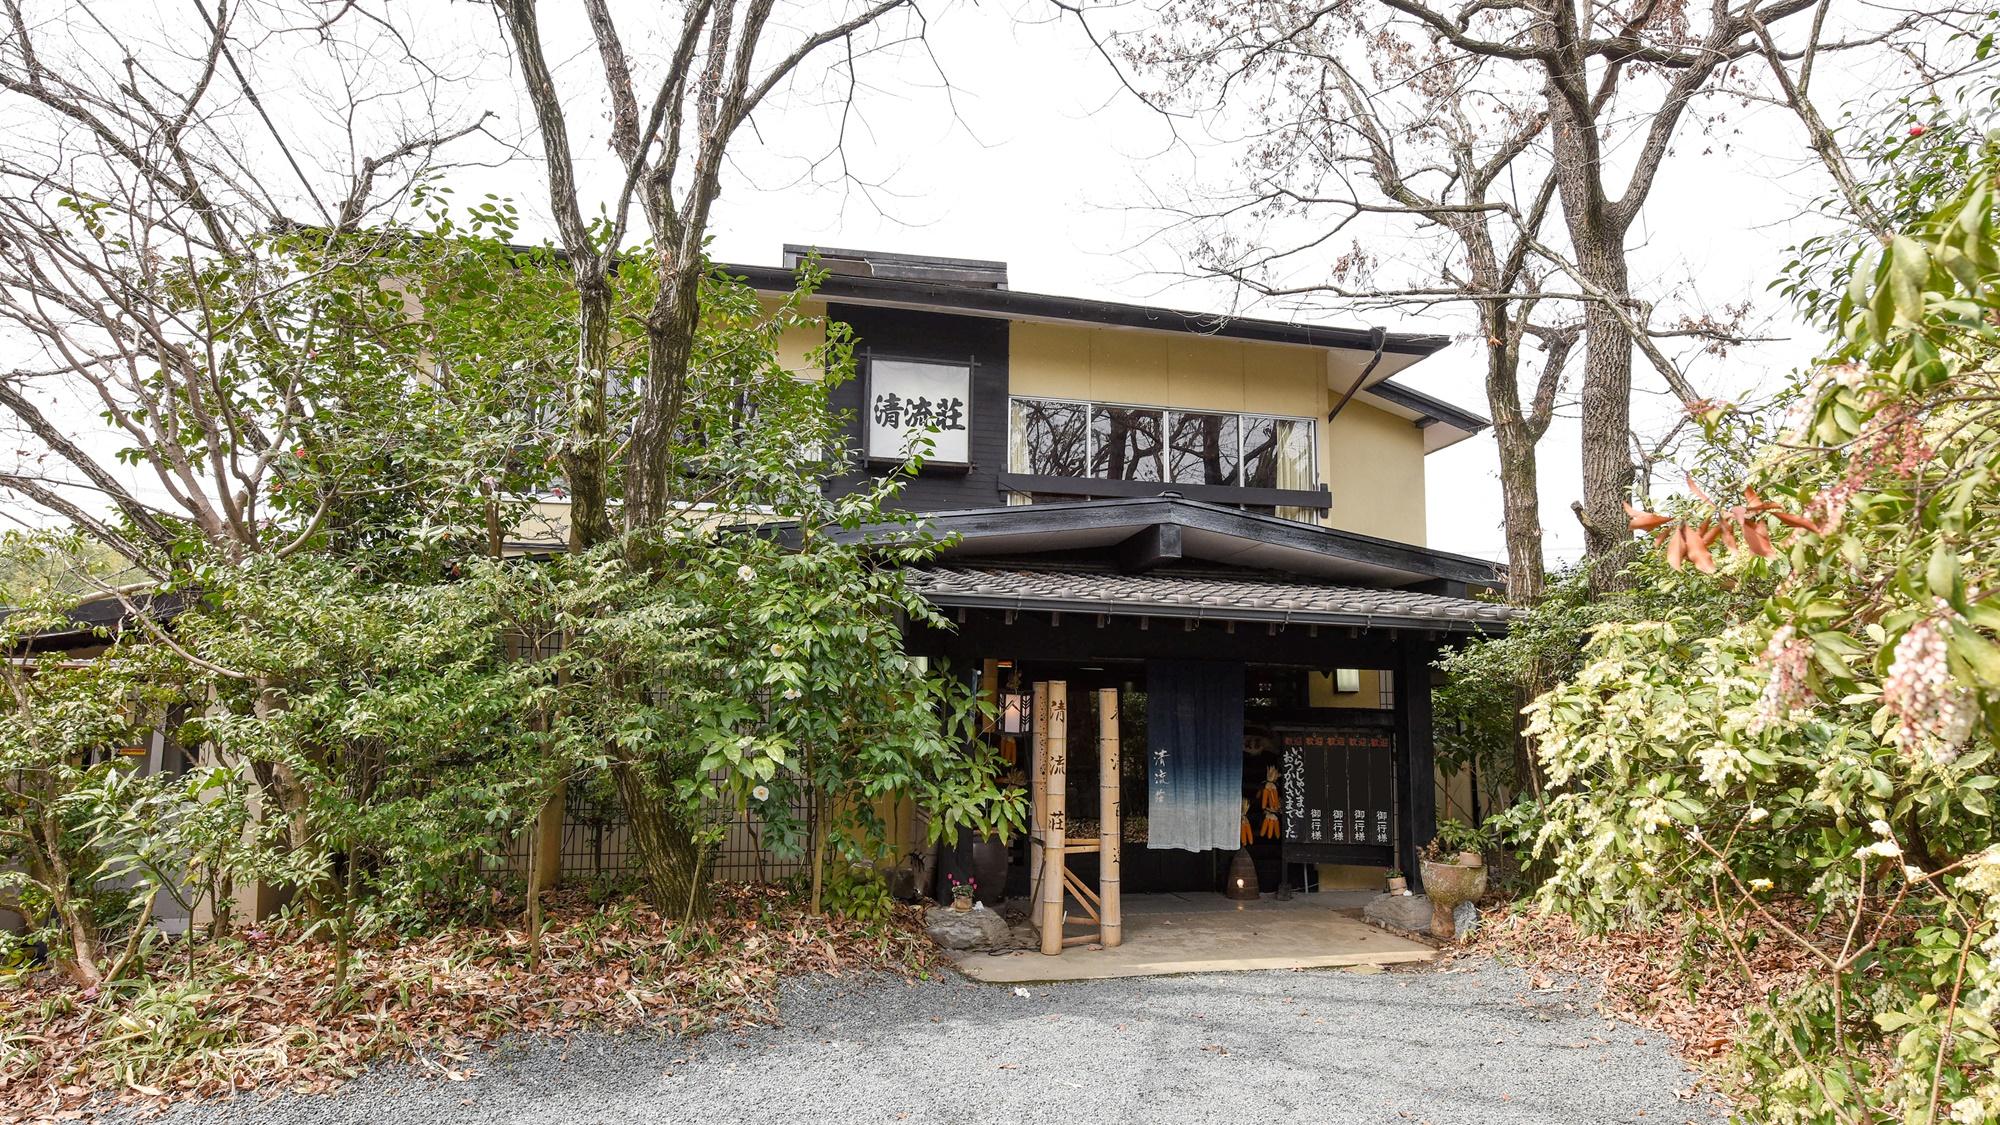 冬に仕事で熊本へ飛行機で行きます。菊池温泉で一人が泊まりやすい宿